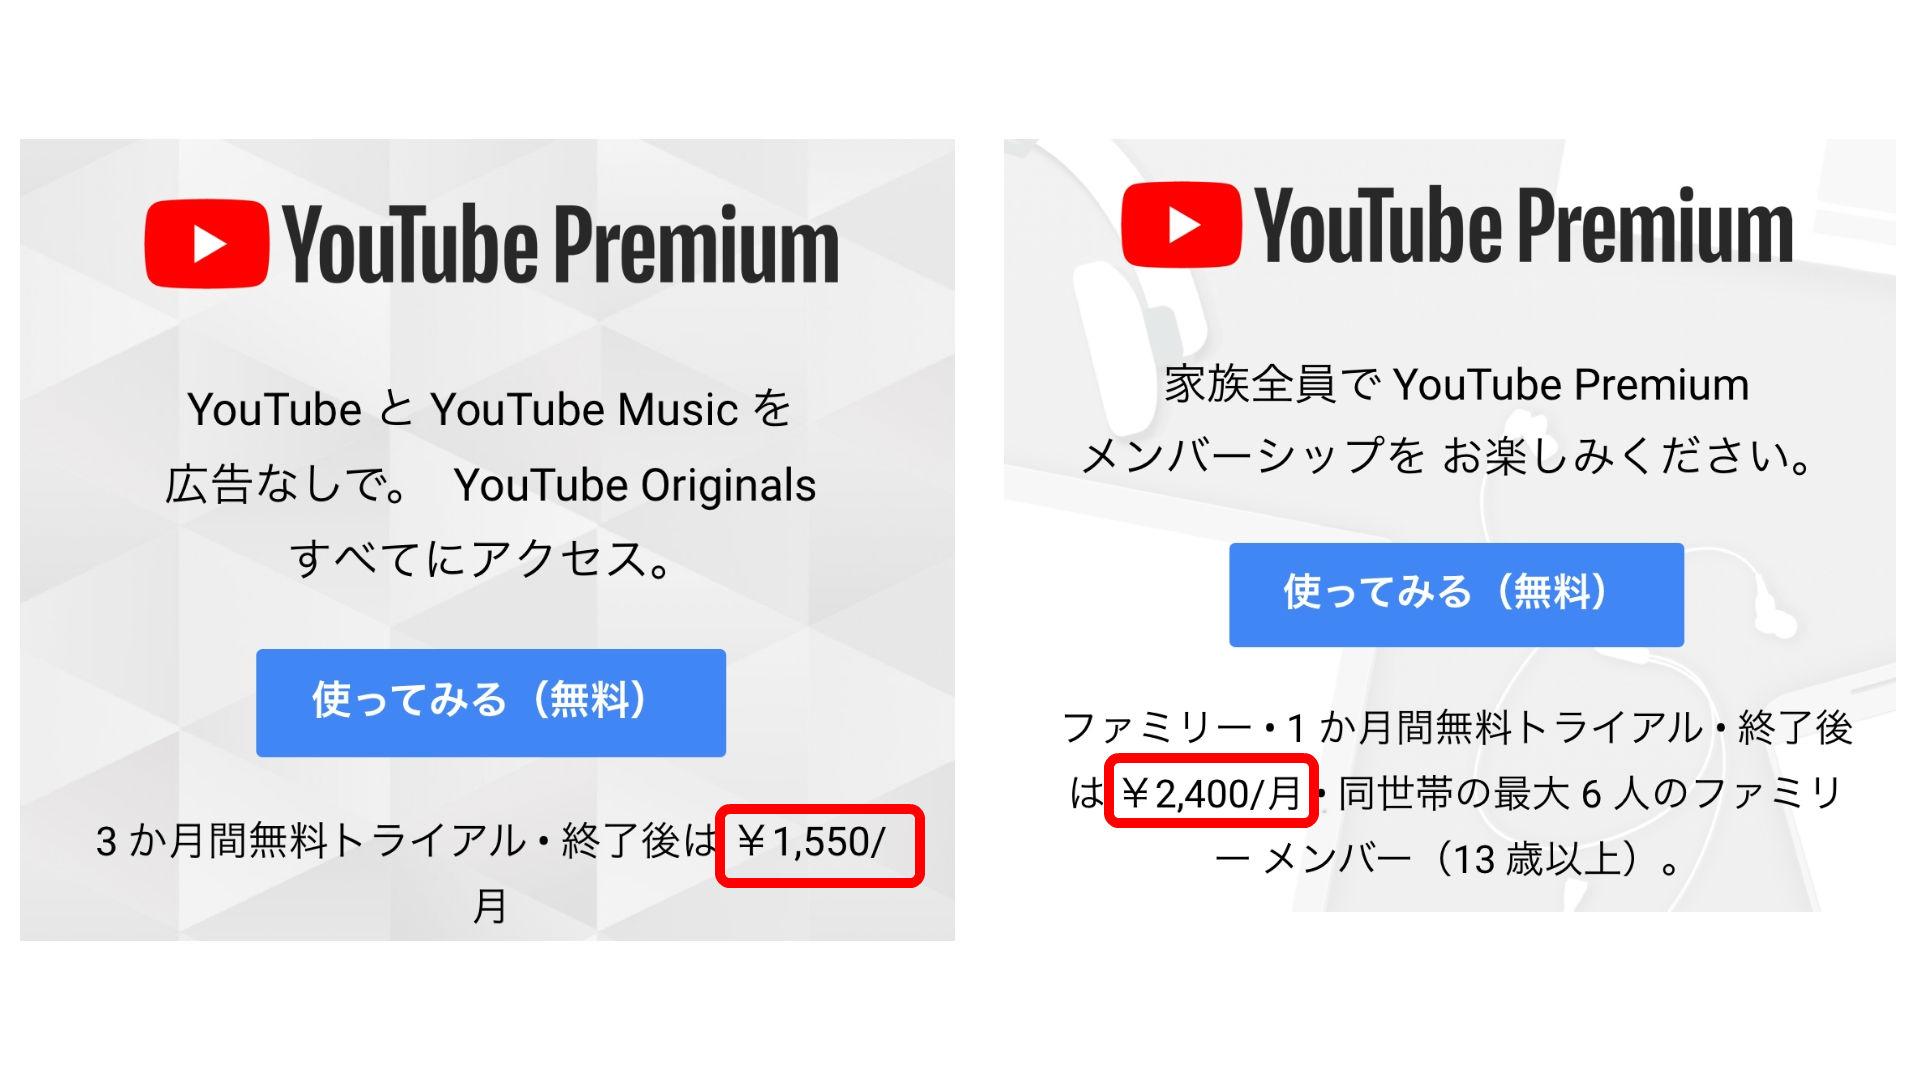 YouTubeプレミアム月額料金iPhone4